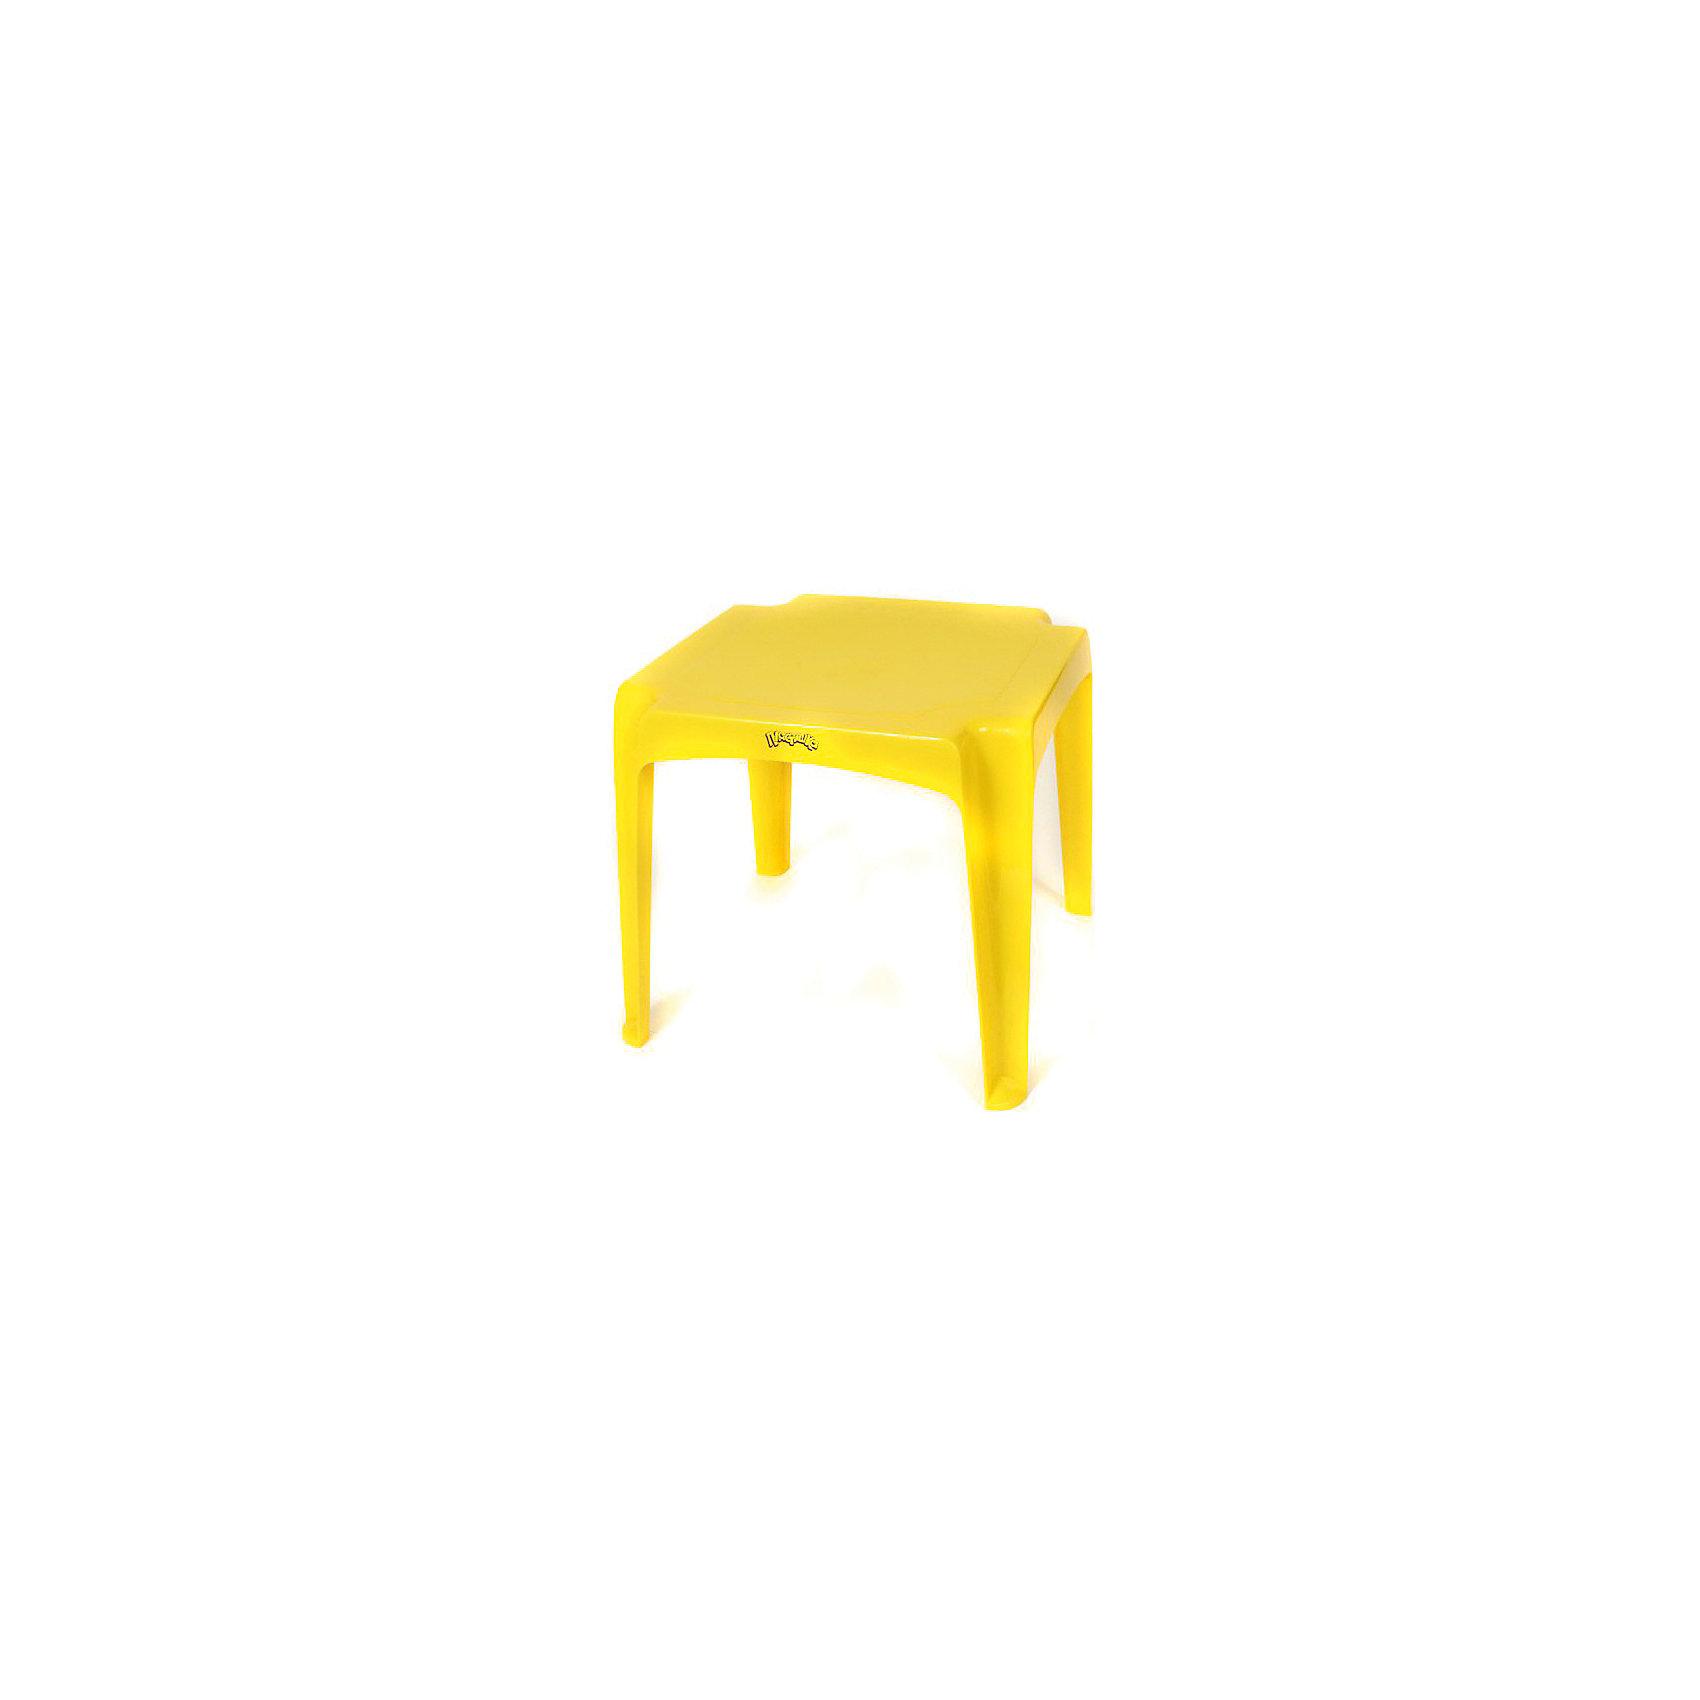 Стол 520х520х475 мм, Пластишка, желтыйСтол 520х520х475 мм, Пластишка, желтый – подойдет для творчества, учебы и досуга.<br>Небольшой и компактный столик сделан из качественного полипропилена. На таком столе будет удобно заниматься творчеством: например лепить, рисовать и т. д. Столик имеет устойчивую конструкцию, поэтому ребенок может облокотиться на него без риска, что стол перевернется. Также столик оснащен безопасными закругленными углами.<br><br>Дополнительная информация: <br><br>- материал: полипропилен<br>- цвет: желтый<br>- размер: 52х52х47 см<br><br>Стол 520х520х475 мм, Пластишка, желтый можно купить в нашем интернет магазине.<br><br>Ширина мм: 520<br>Глубина мм: 520<br>Высота мм: 640<br>Вес г: 1658<br>Возраст от месяцев: 24<br>Возраст до месяцев: 72<br>Пол: Унисекс<br>Возраст: Детский<br>SKU: 4972203